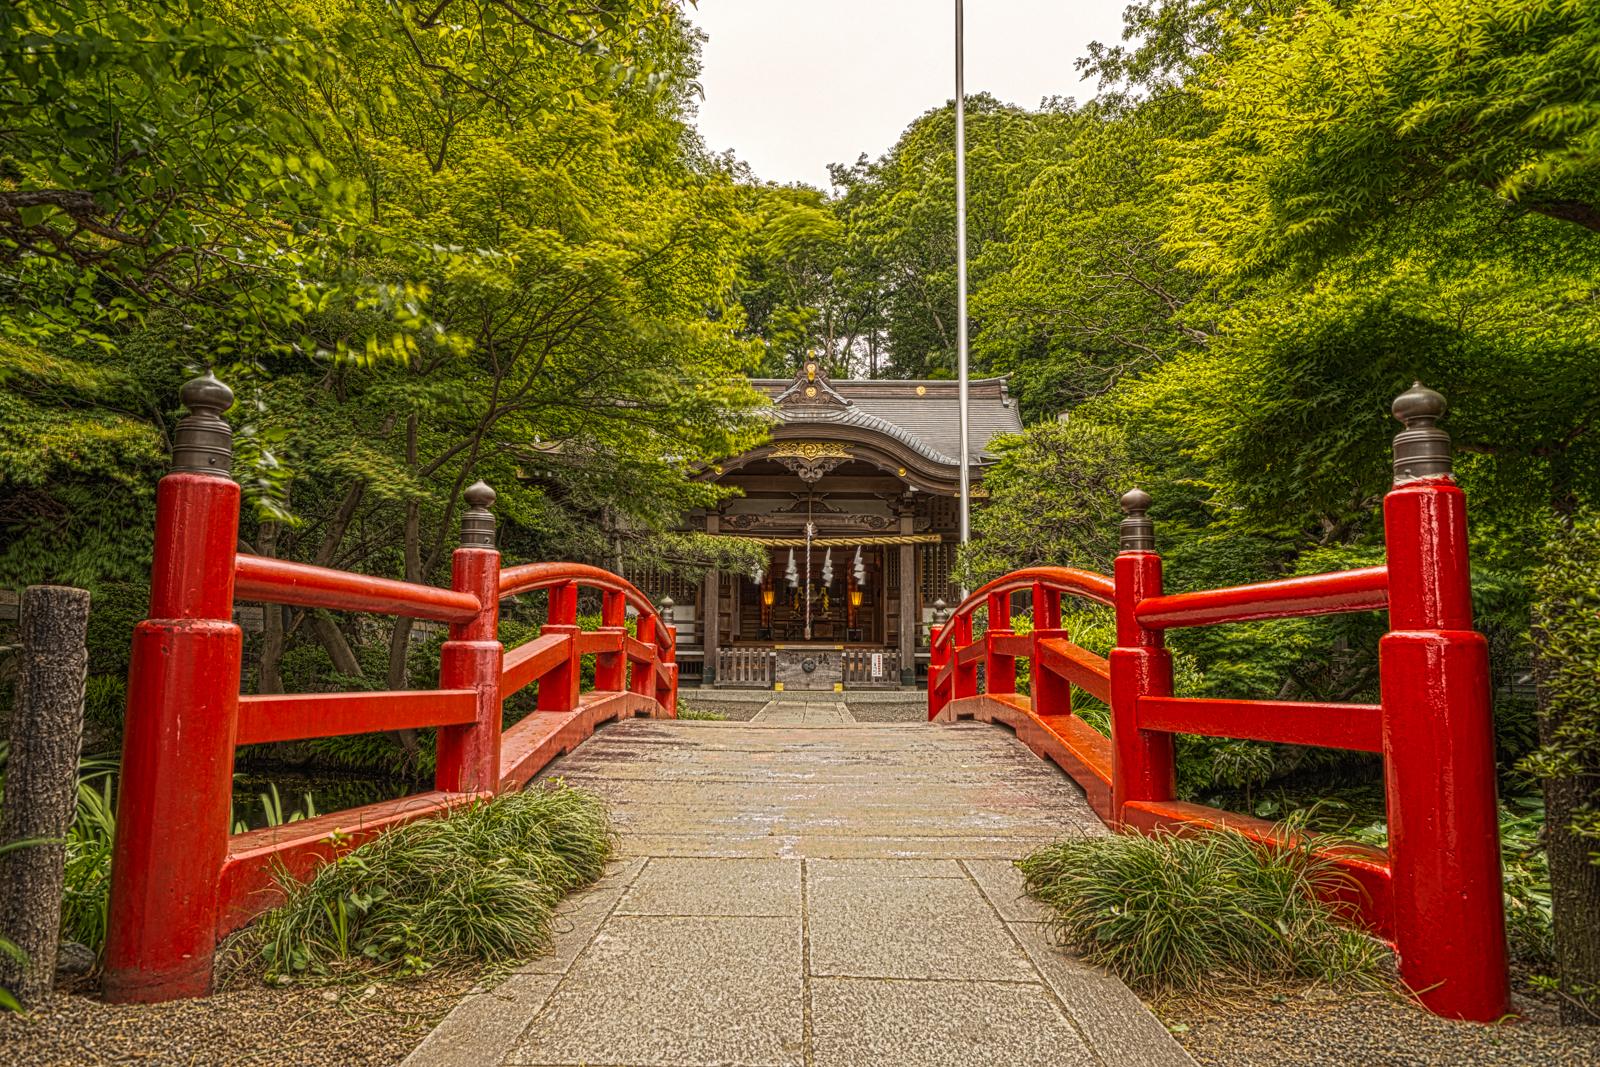 貫井神社、赤い神橋と本殿の写真